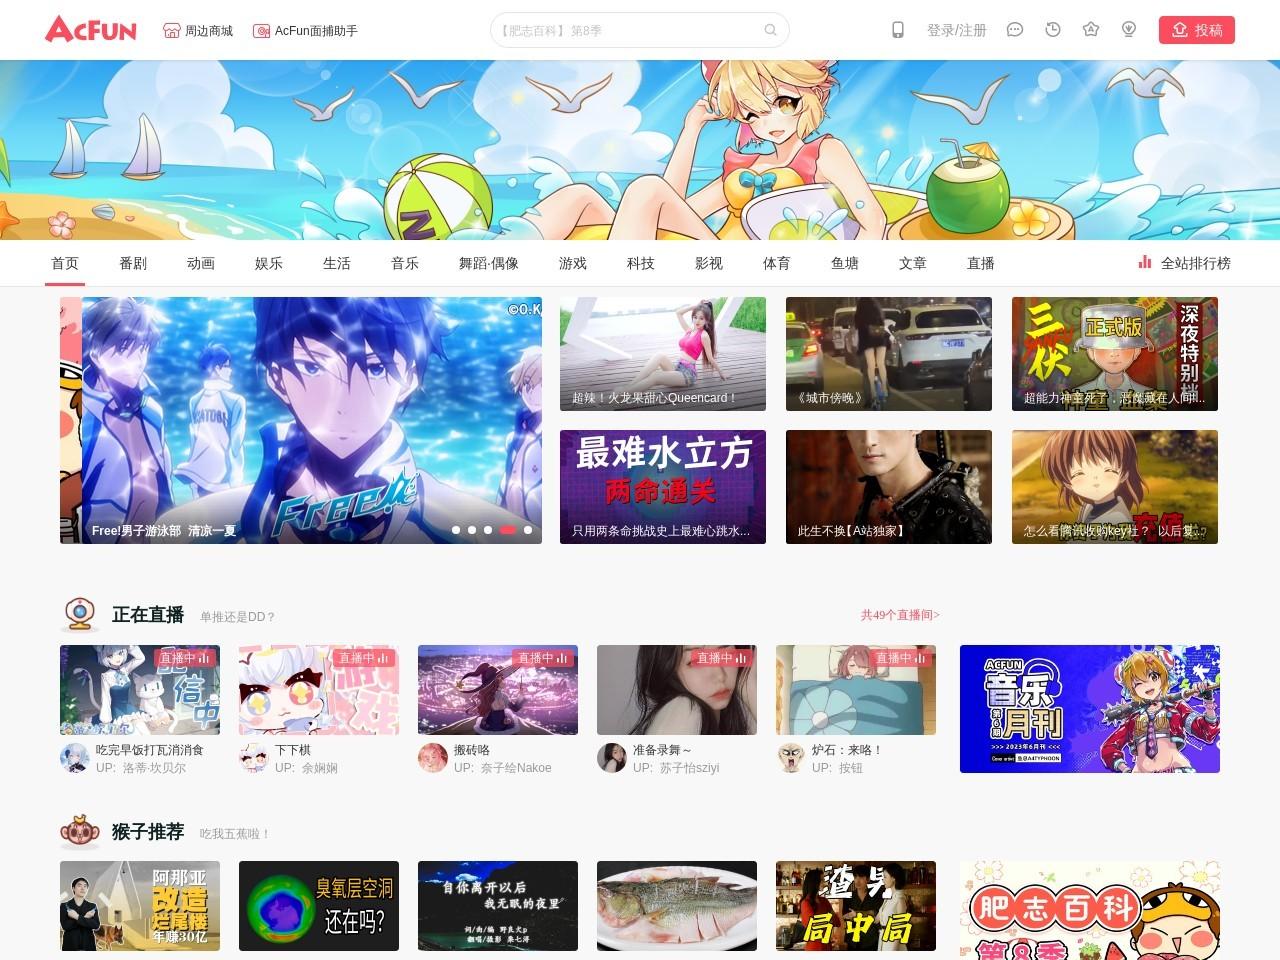 弹幕网_AcFun弹幕视频网站